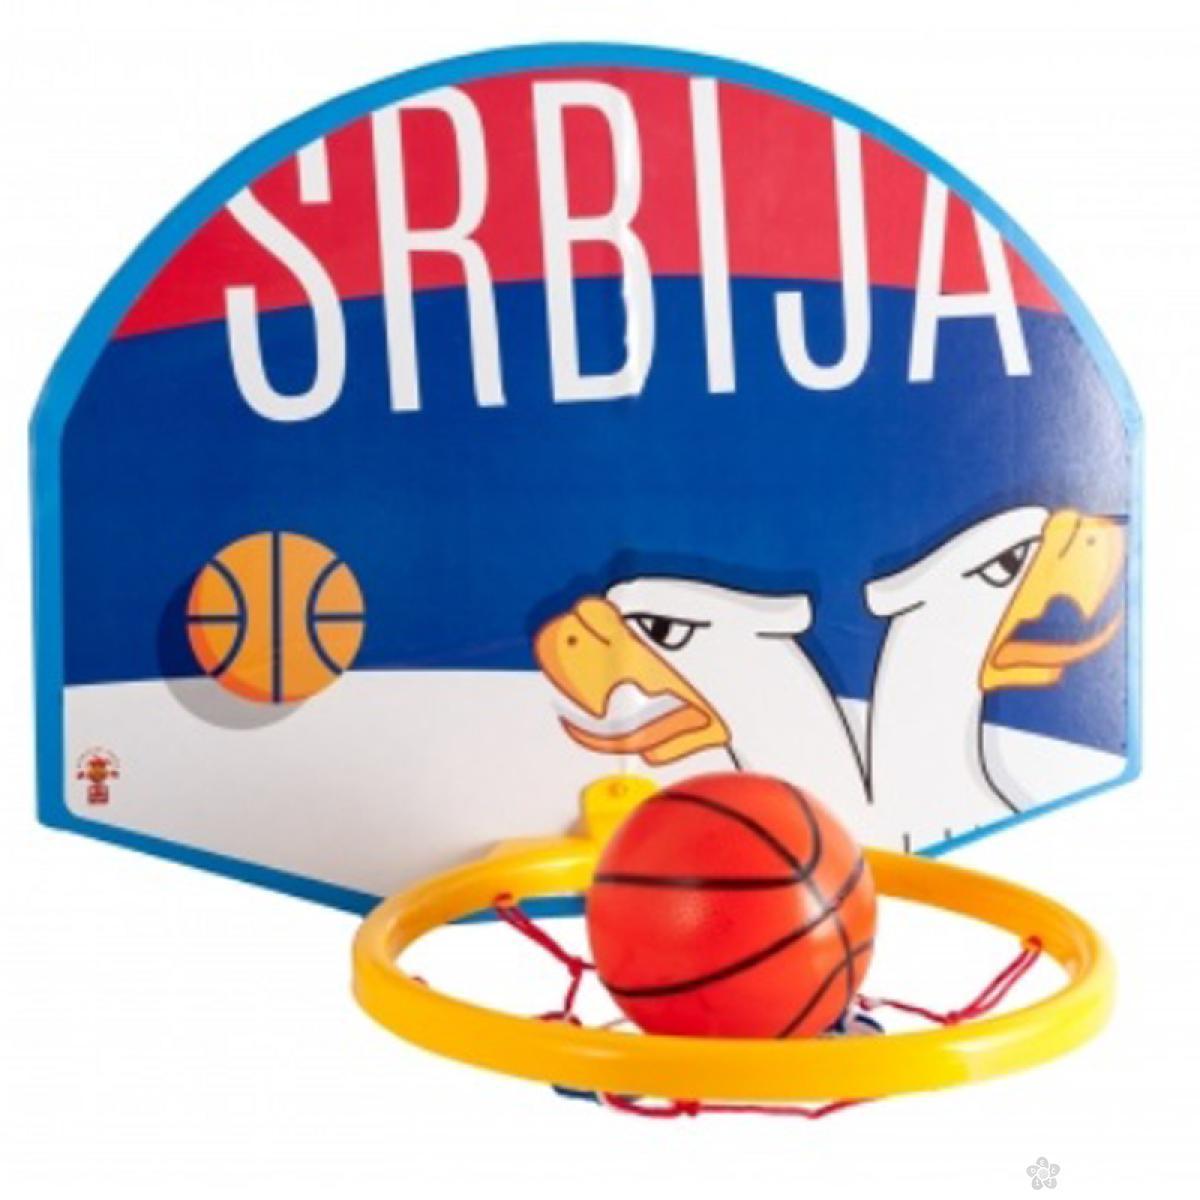 Kosarkaski set sa loptom Srbija 33108